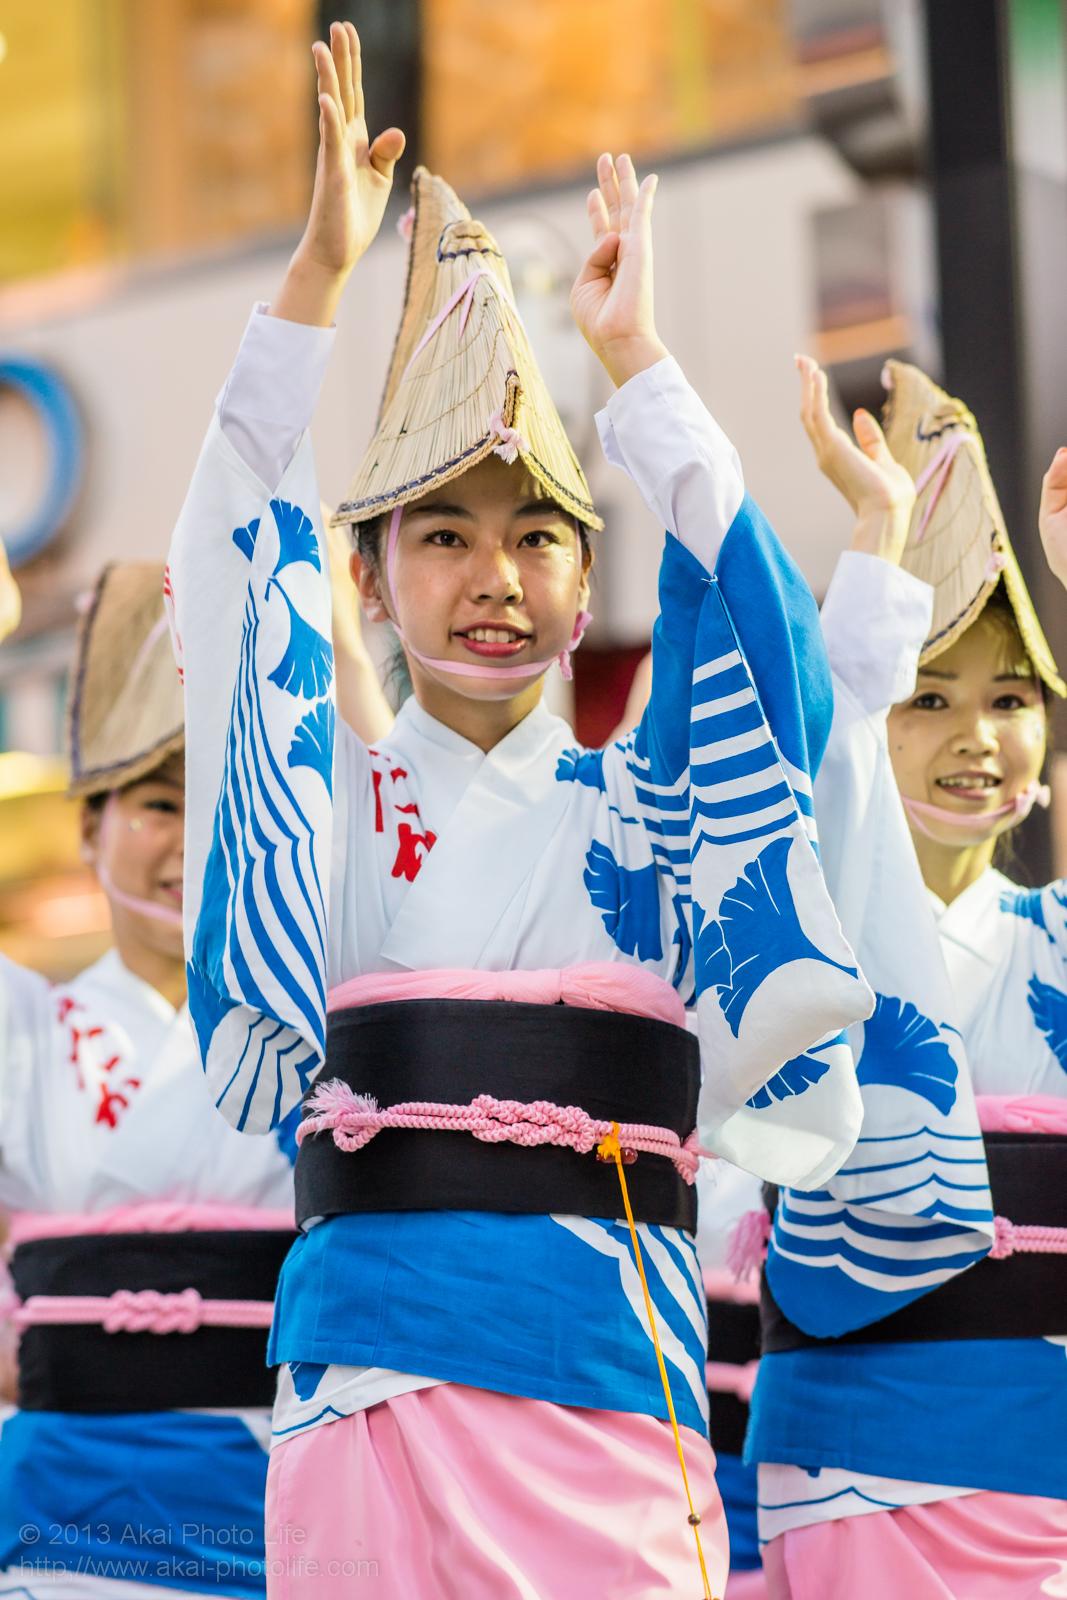 三鷹阿波踊り、みたか市役所連の女踊り